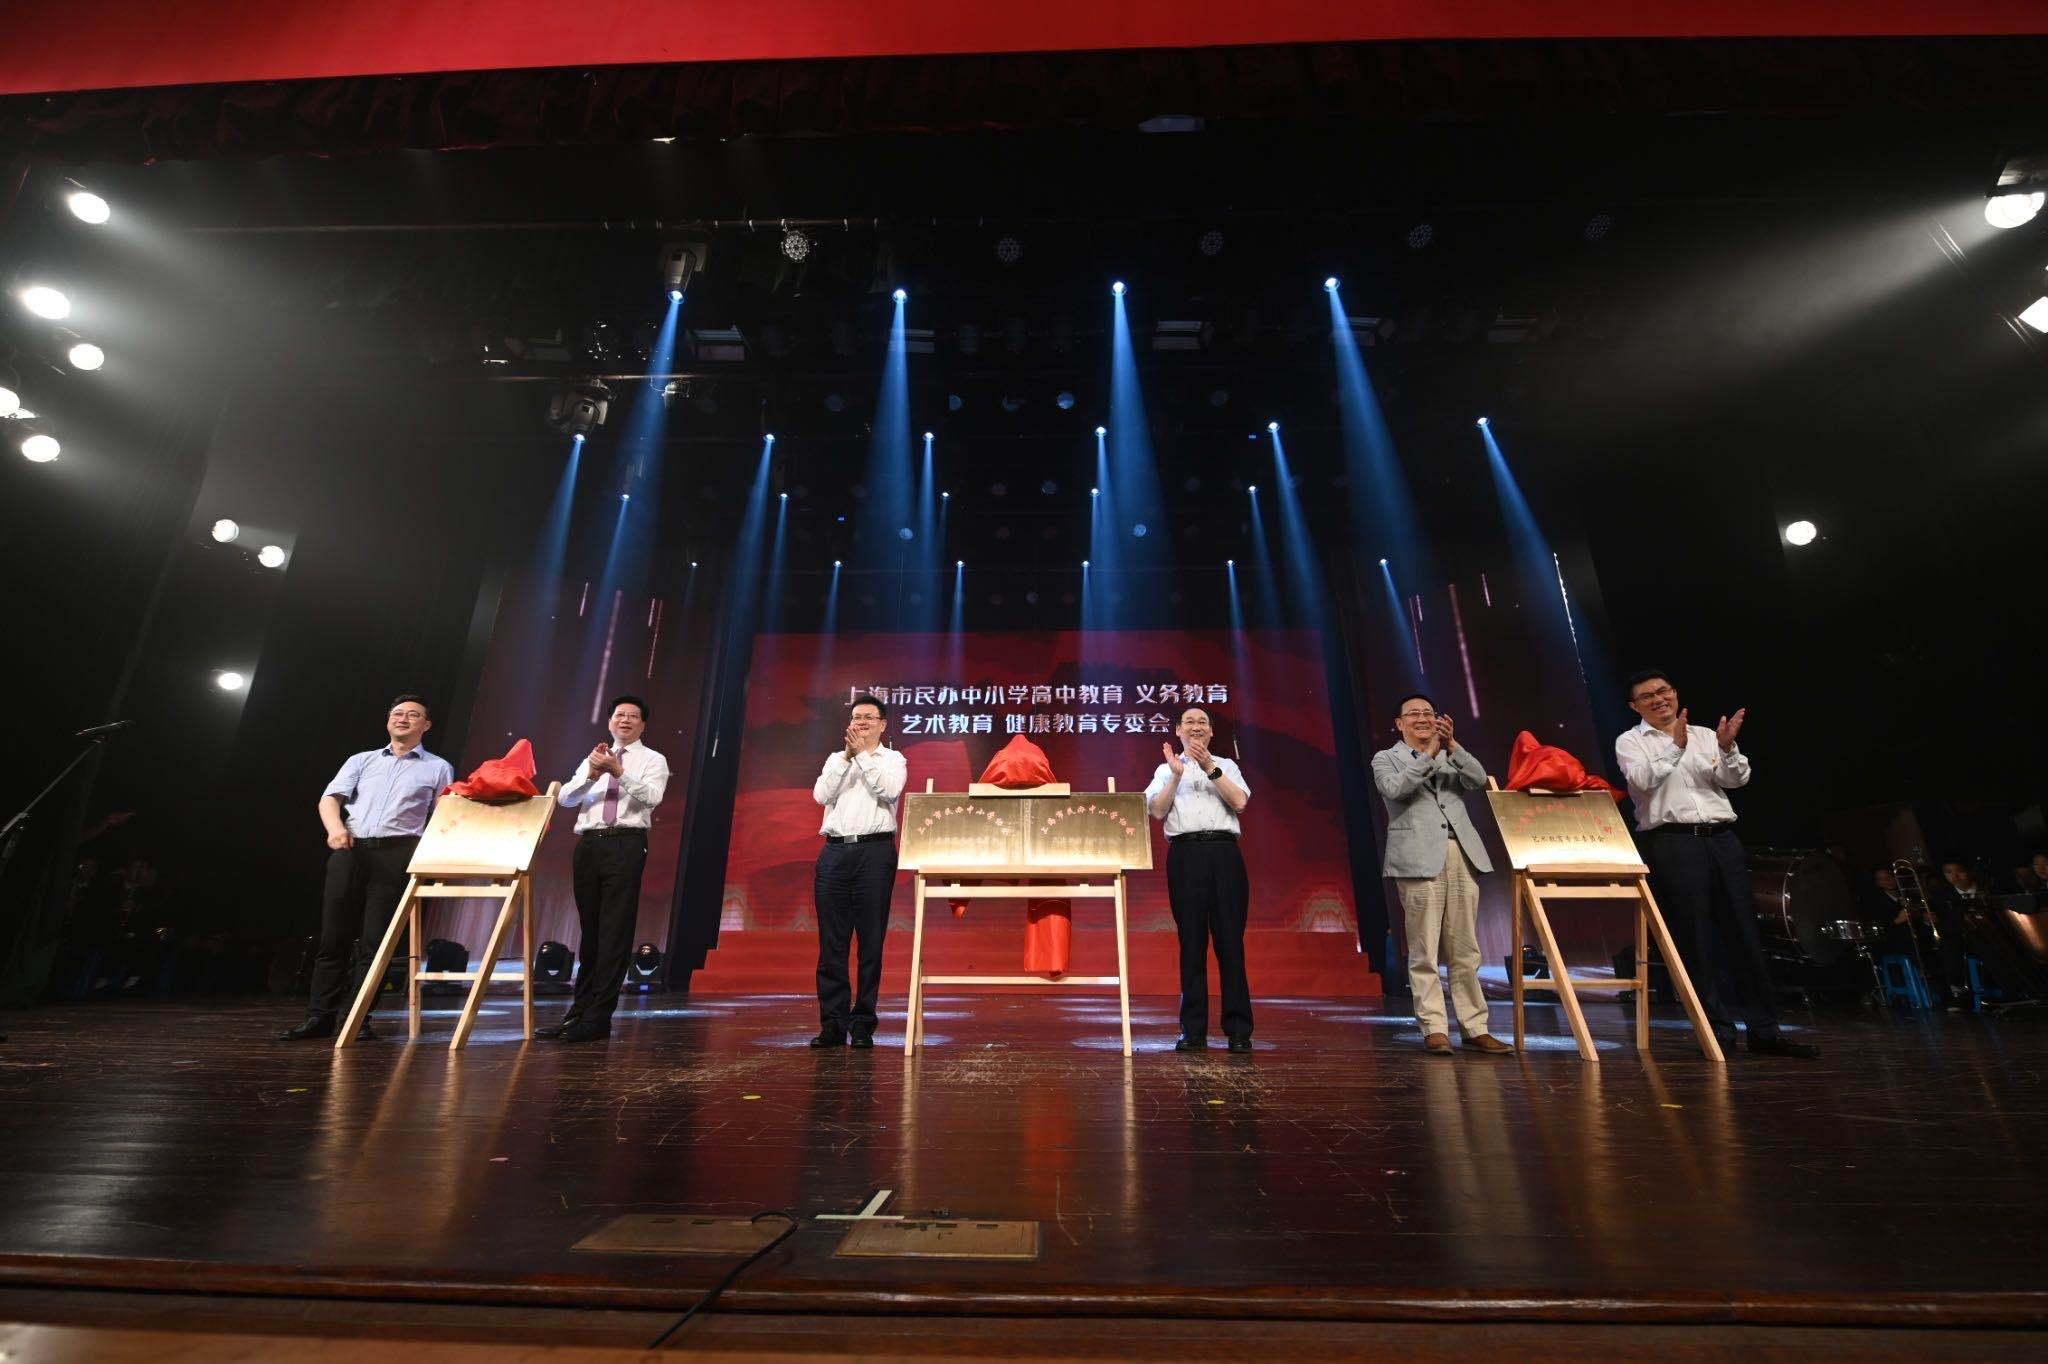 杏悦:民办中小杏悦学协会成立四个专委会推进教改创图片